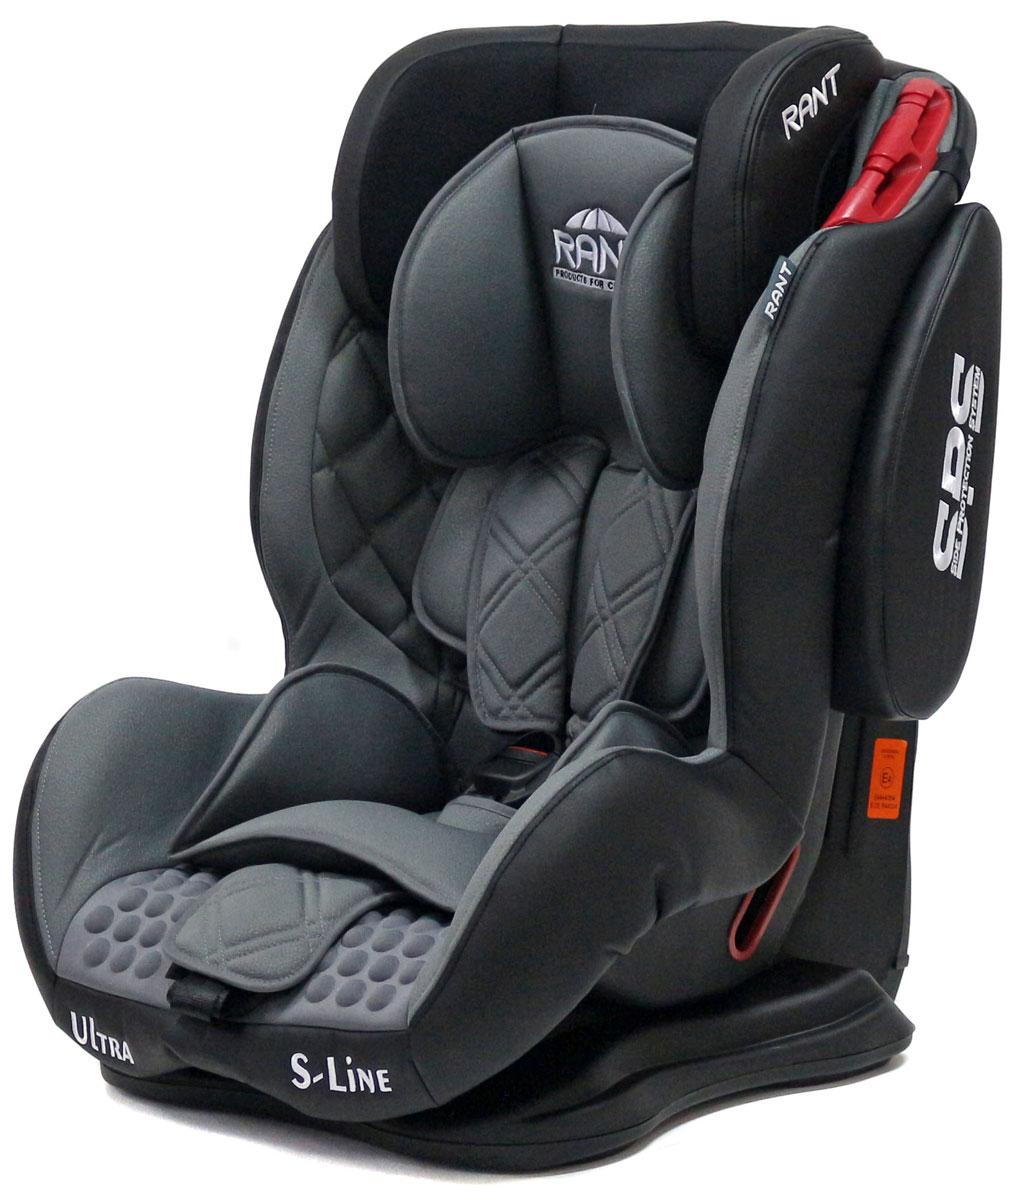 Rant Автокресло Ultra SPS цвет серый от 9 до 36 кг4630008878781Автокресло Rant Ultra SPS группы 1-2-3 предназначено для детей весом от 9 до 36 кг (возраст от 9 месяцев до 12 лет), крепится штатными ремнями безопасности автомобиля, устанавливается по ходу движения автомобиля. Кресло оснащено пятиточечным ремнем безопасности с мягкими плечевыми накладками и антискользящими нашивками, 3-х ступенчатой настройкой высоты подголовника, корректировкой высоты ремня безопасности по уровню подголовника. 3 положения наклона корпуса, устойчивая база, фиксатор высоты штатных ремней безопасности, дополнительная боковая защита, съемный чехол, мягкий съемный вкладыш для малыша делают это кресло идеальным средством для защиты ребенка во время передвижения на автомобиле.Сертификат Европейского Стандарта Безопасности ЕCE R44/04.